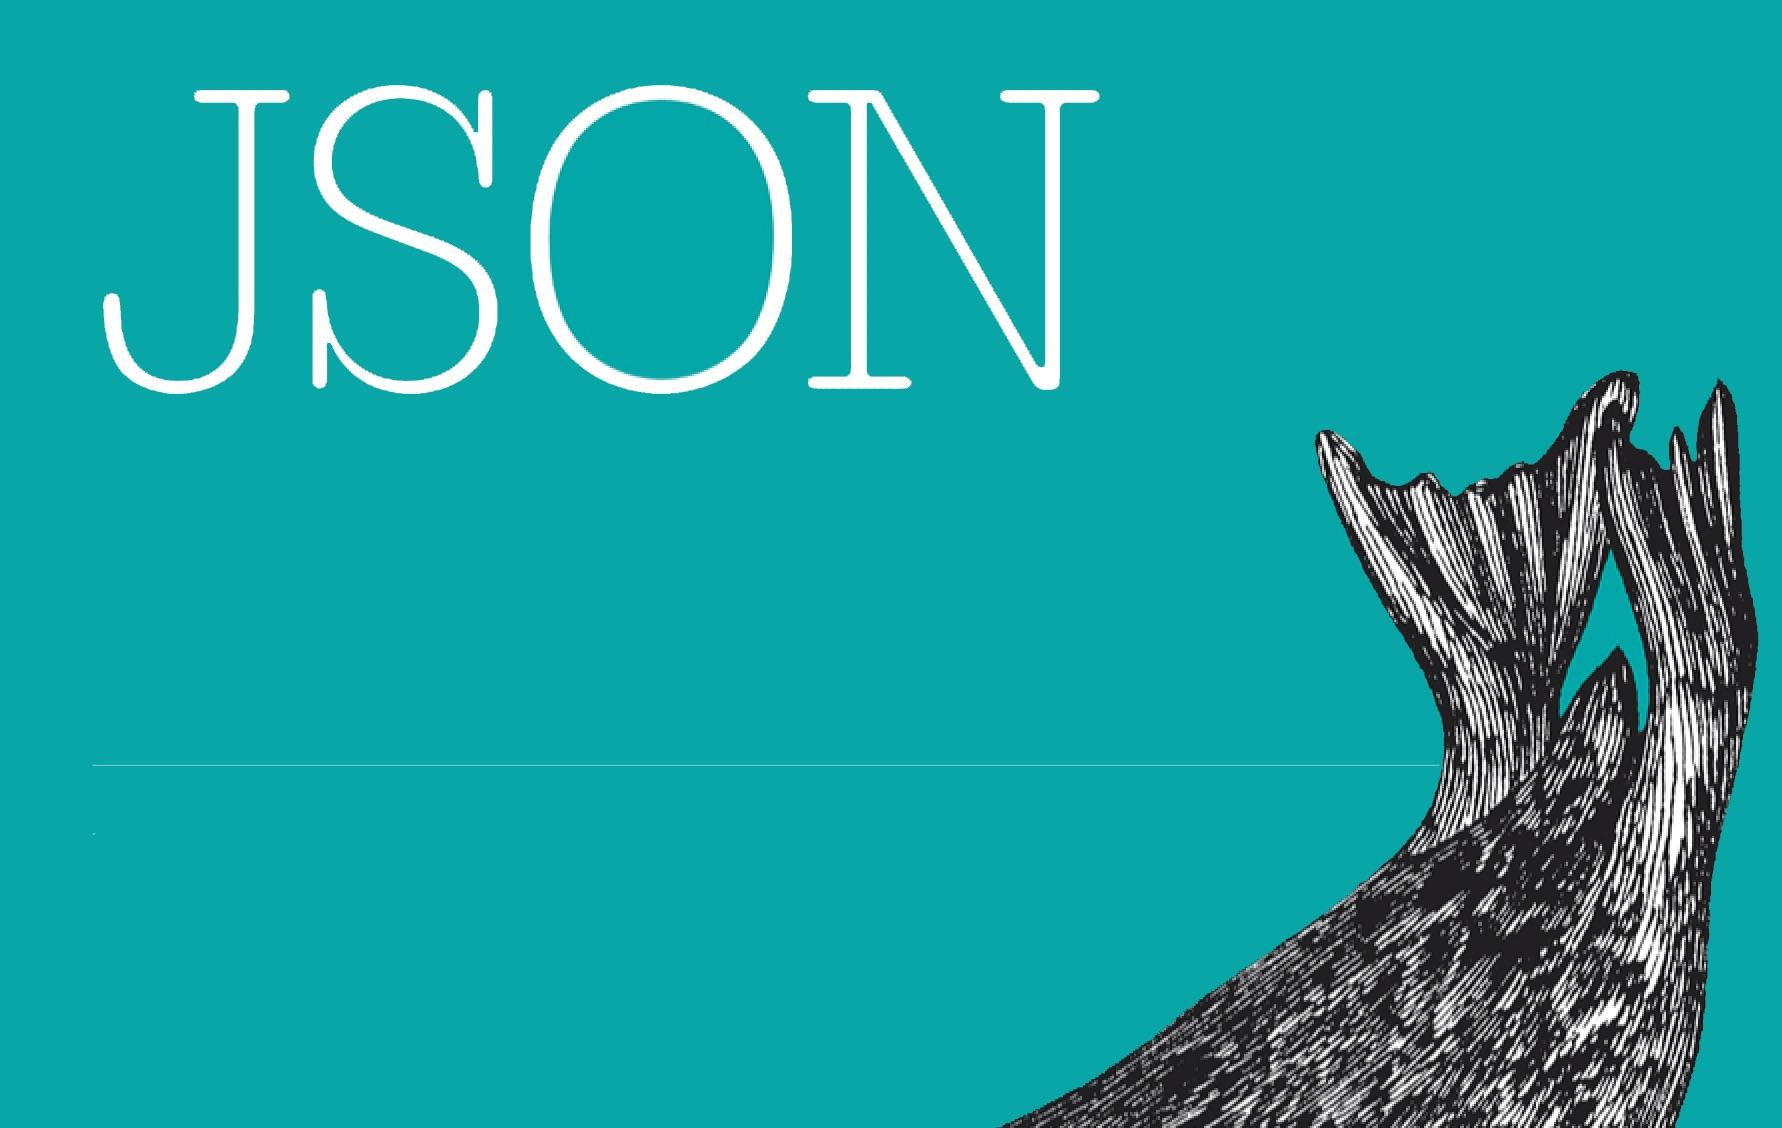 《JSON 必知必会》阅读摘要记录